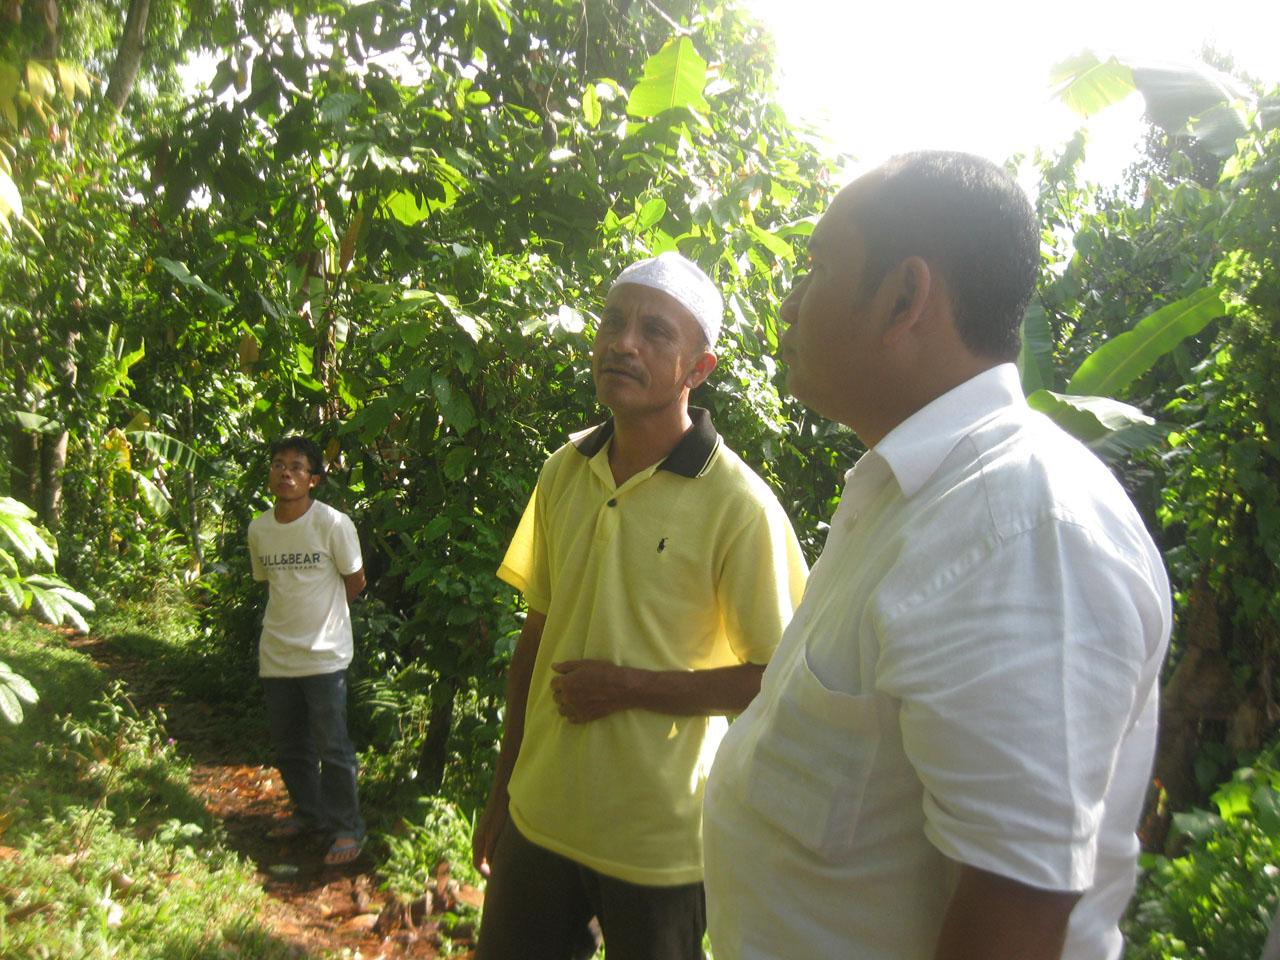 H.Artim (Ketua Kelompok HKm Santong) sedang menjelaskan pengelolaan HKm Santong kepada Herman (Tim Monitoring dan Evaluasi KPSHK)